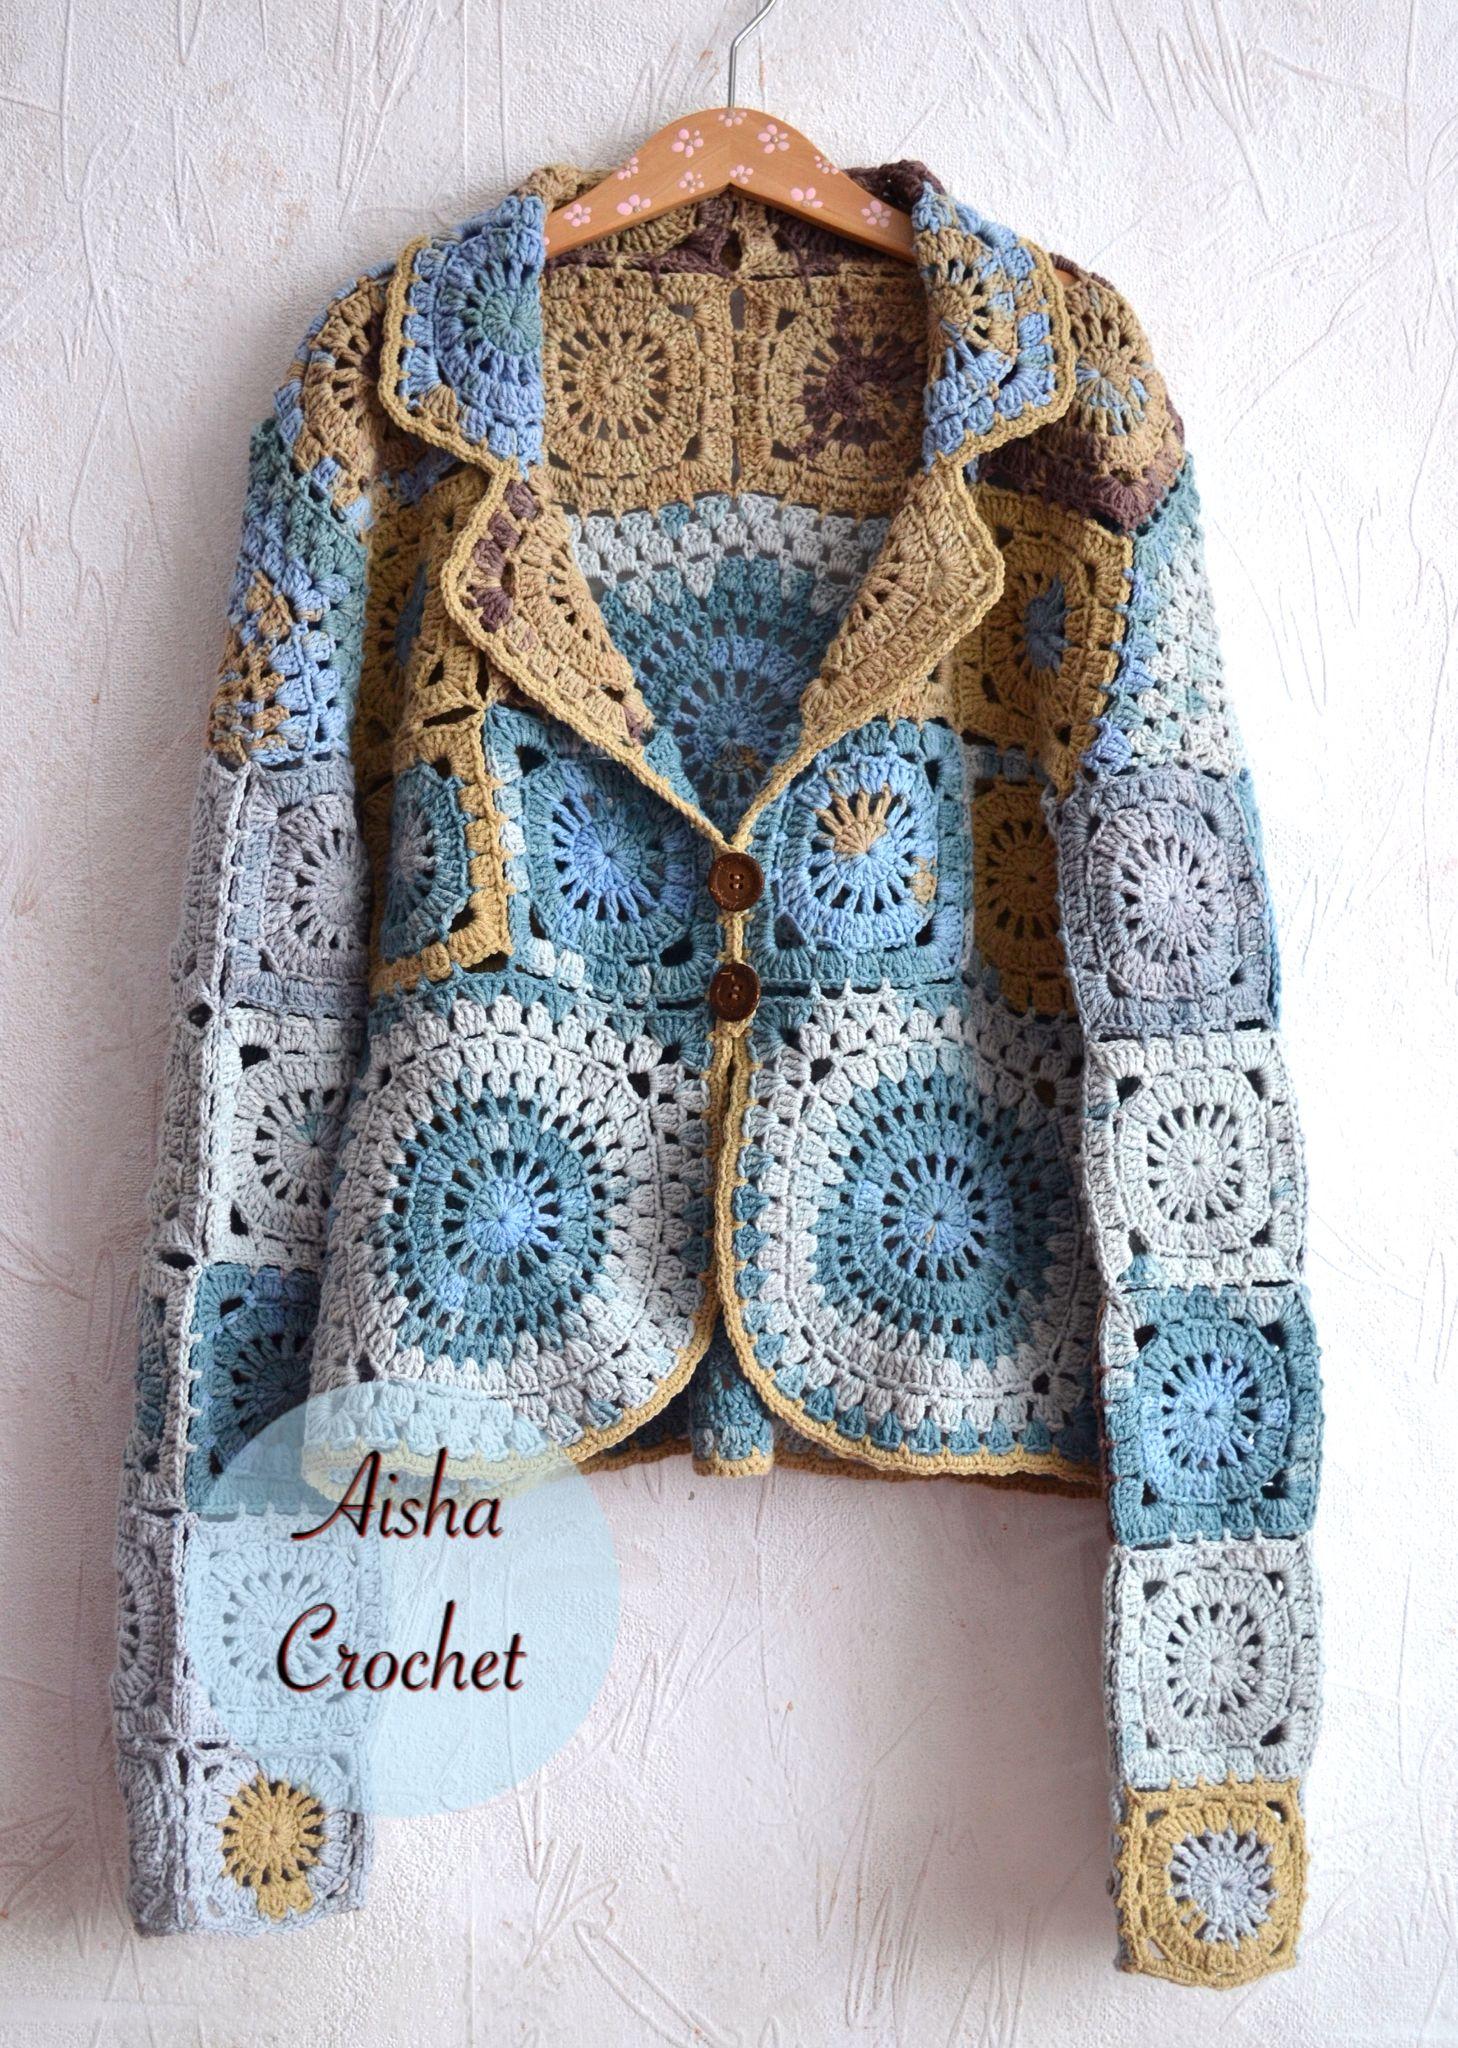 Boho jacket crochet by Aisha Crochet | Crochet | Pinterest | Häkeln ...